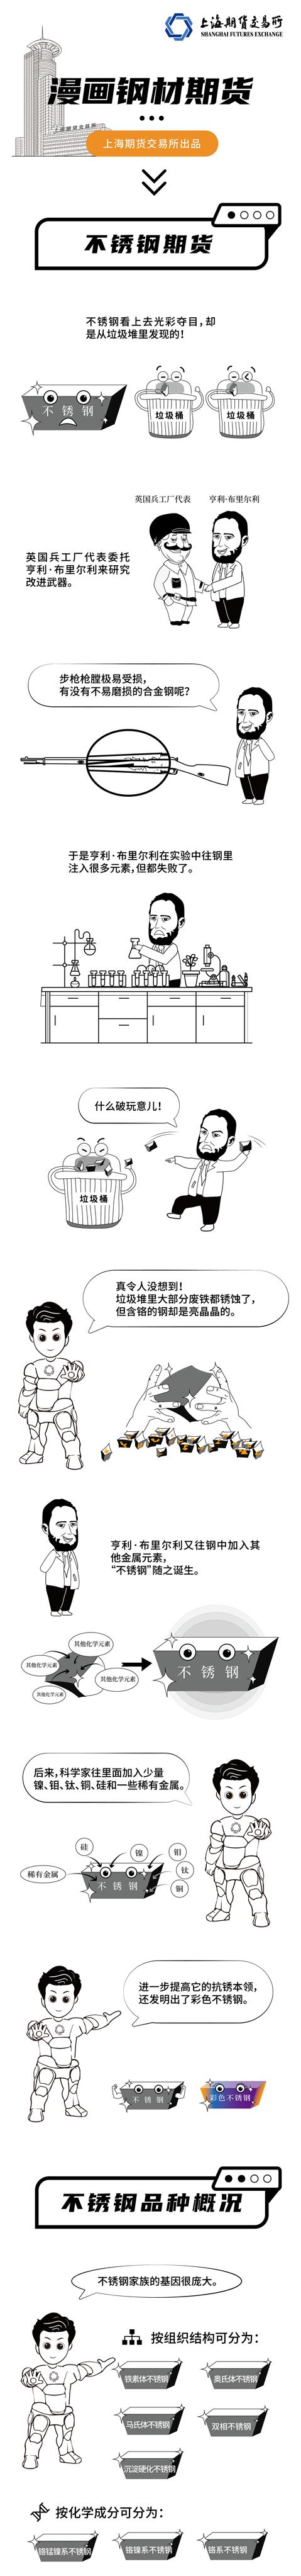 期货学堂 | 漫画钢材期货:不锈钢期货